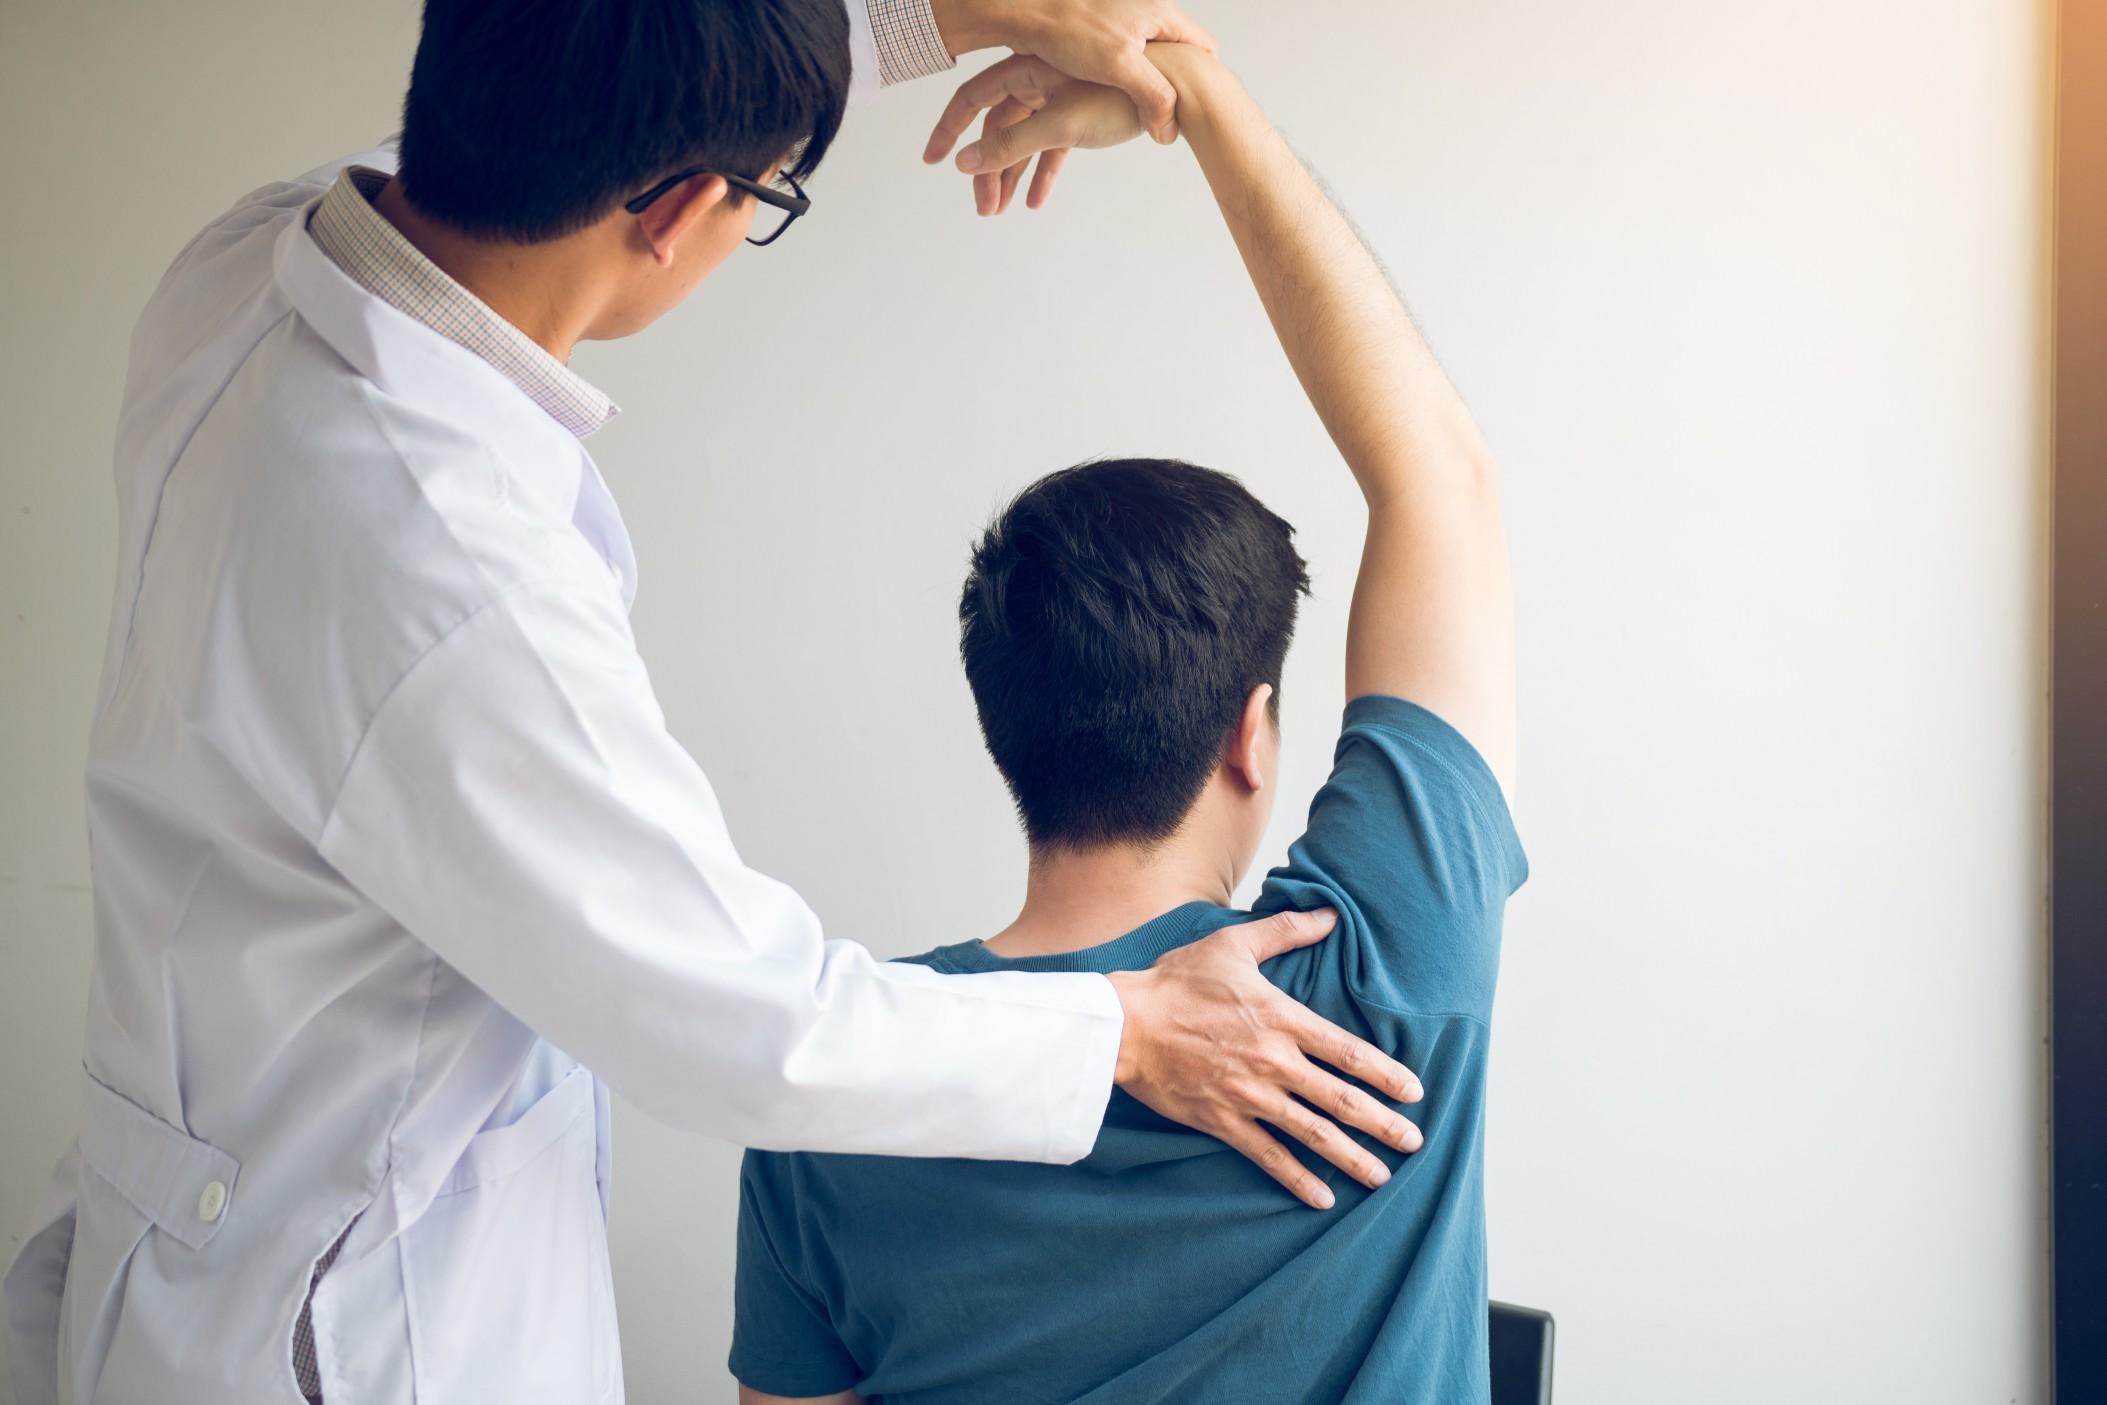 El insoportable dolor de hombros